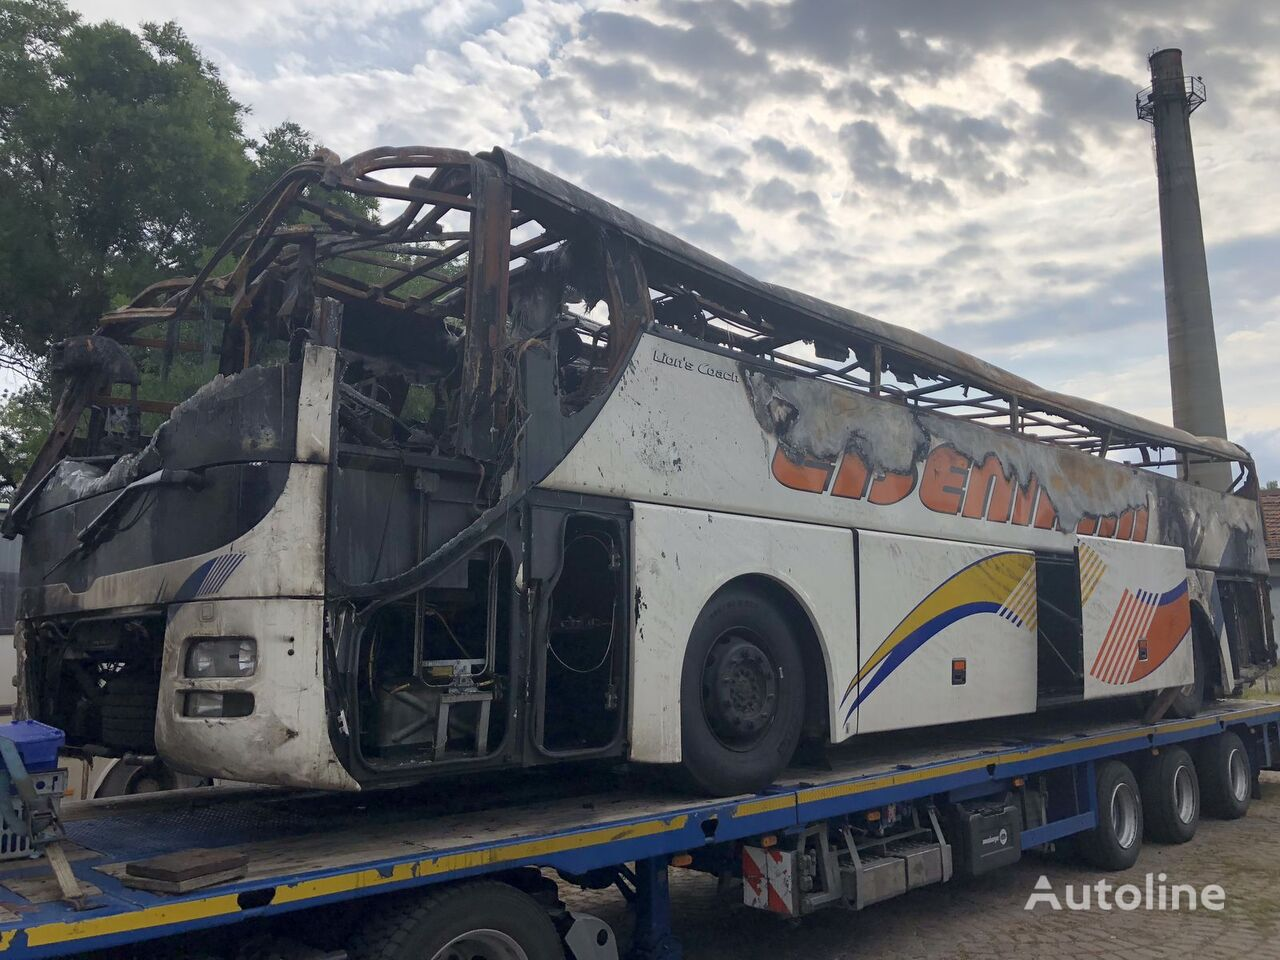 damaged MAN R 07 LION S COACH coach bus